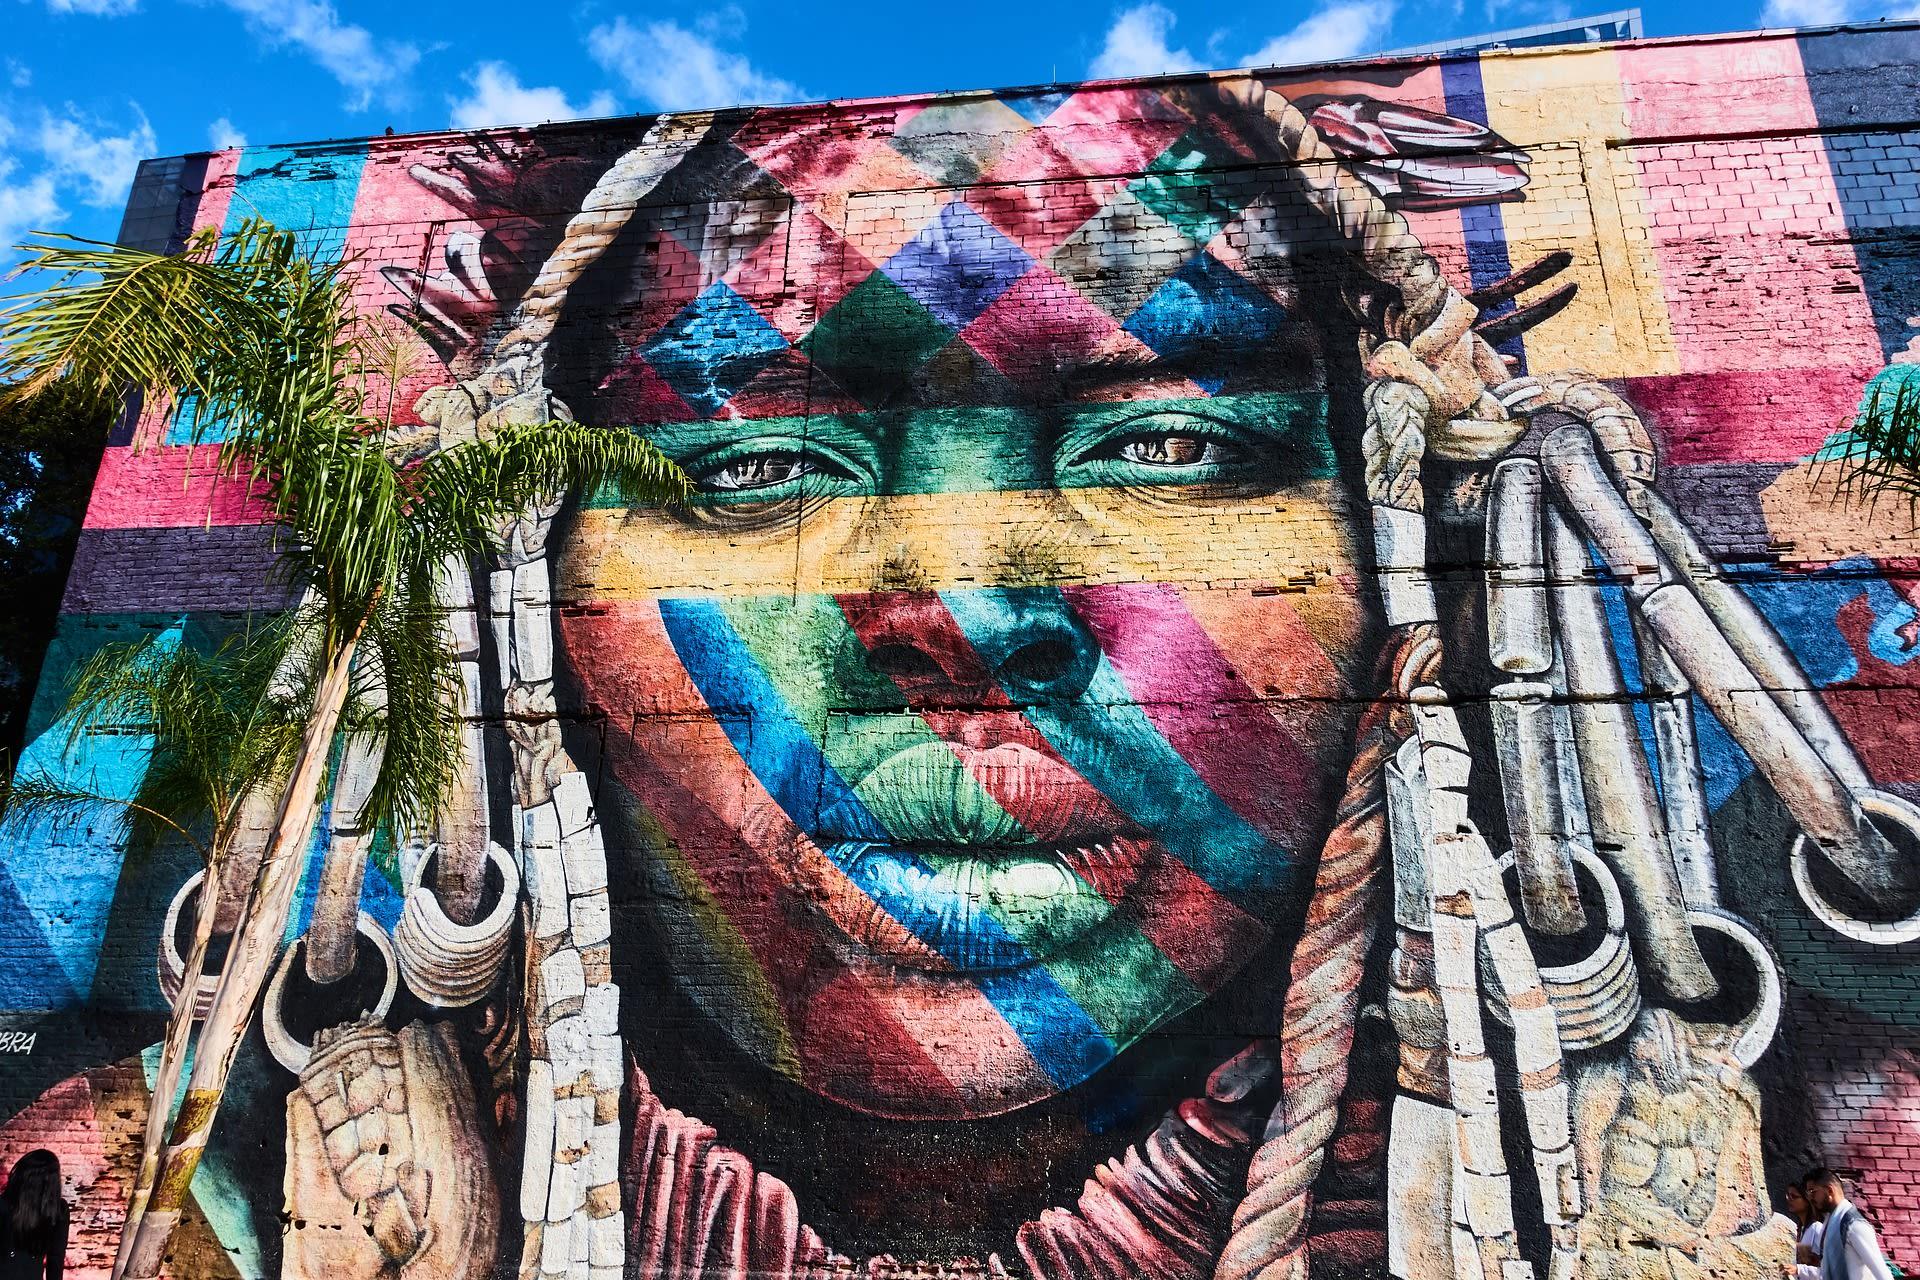 Rio de Janeiro - The Untold Story of Slavery in Rio de Janeiro Through Street art